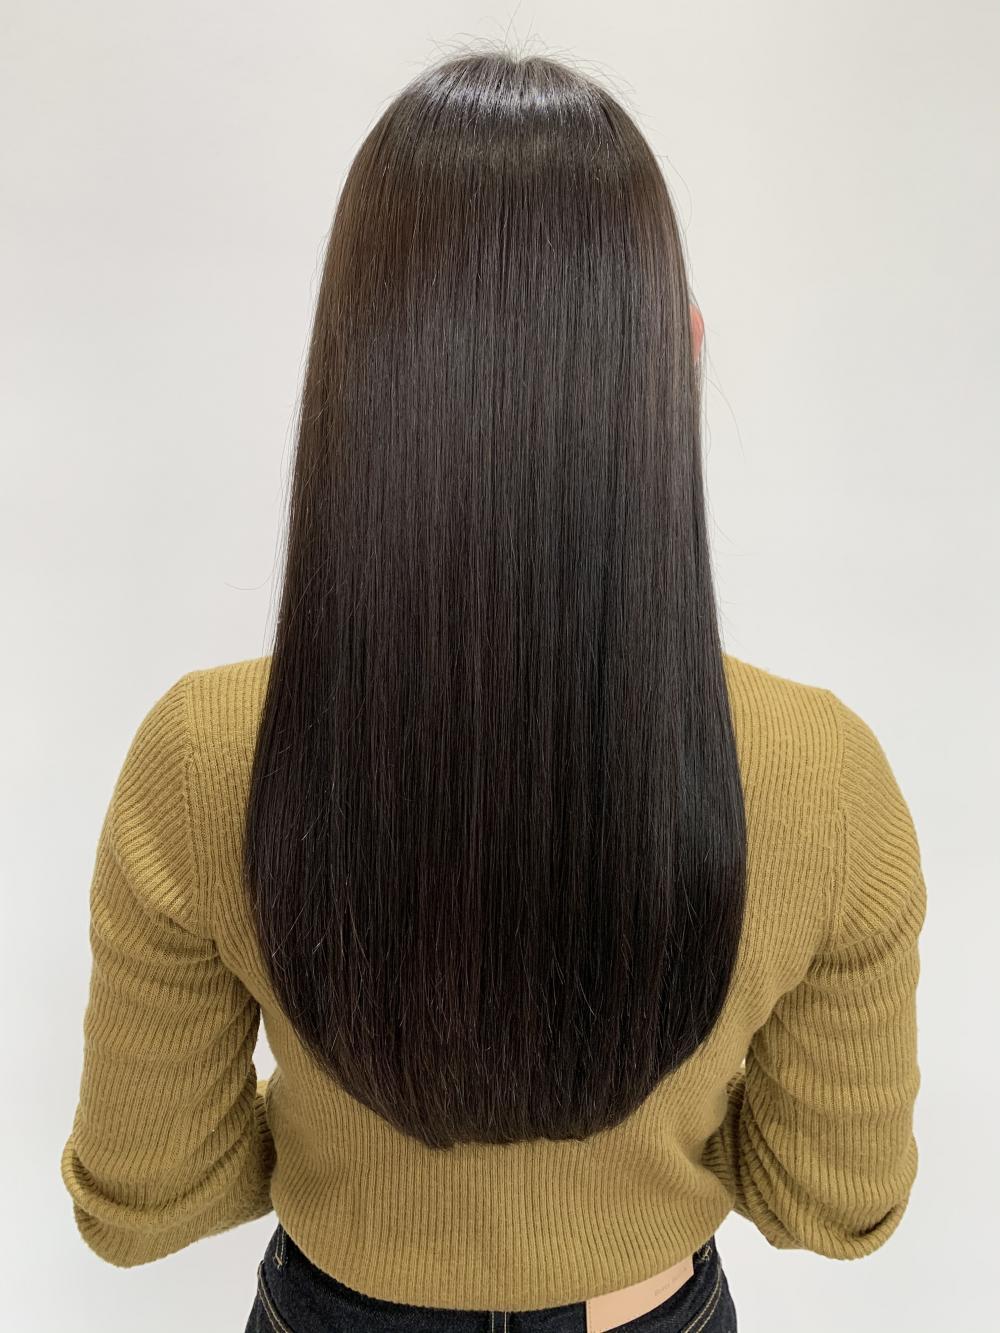 オリーブベージュカラー&髪質改善トリートメント